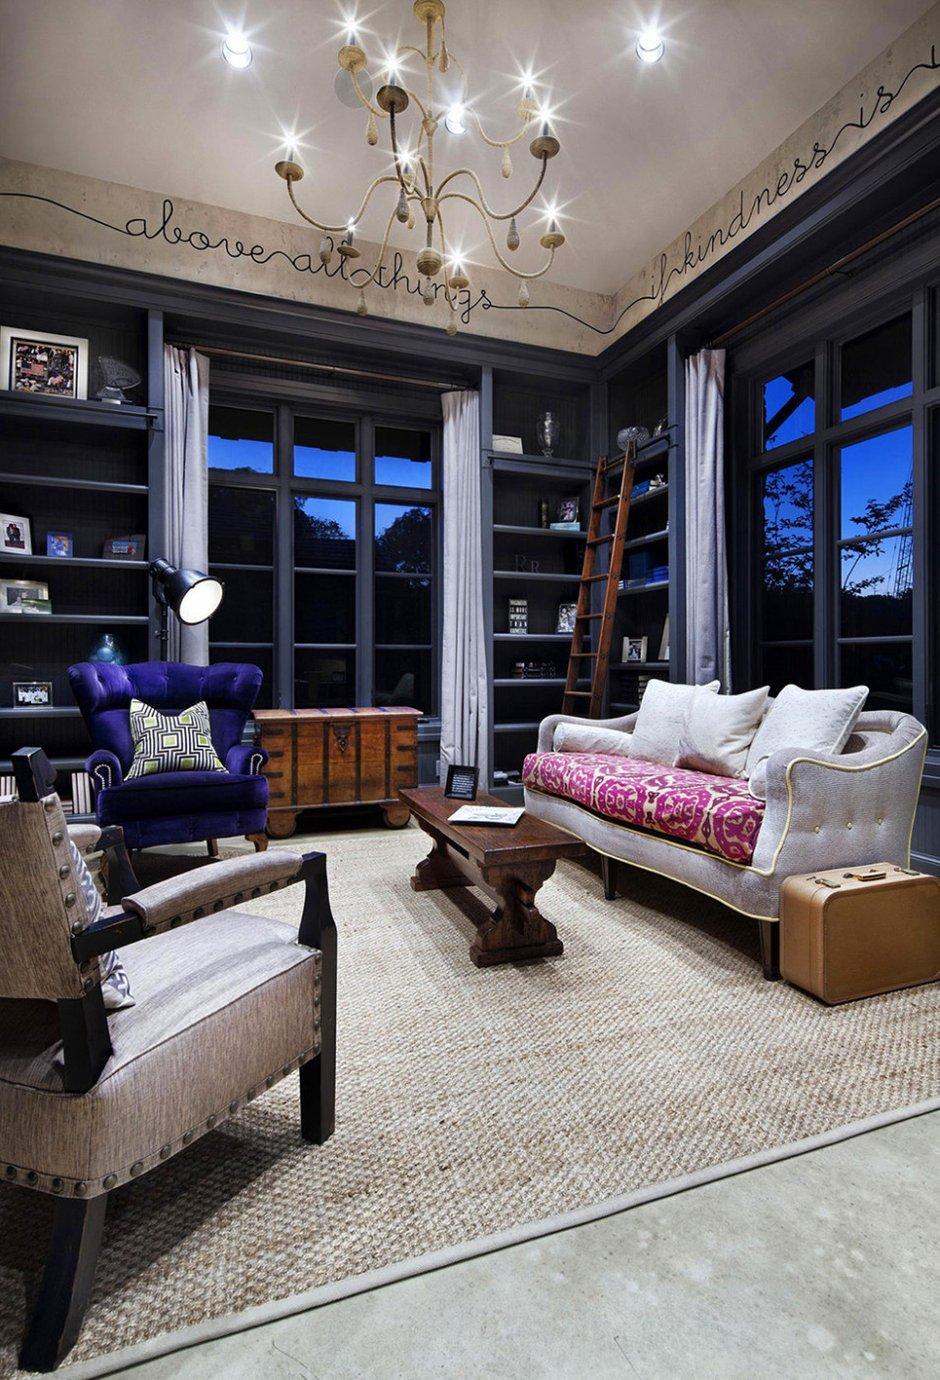 Фотография: Гостиная в стиле Современный, Эклектика, Классический, Дом, Дома и квартиры, Шебби-шик, Индустриальный, Техас – фото на INMYROOM